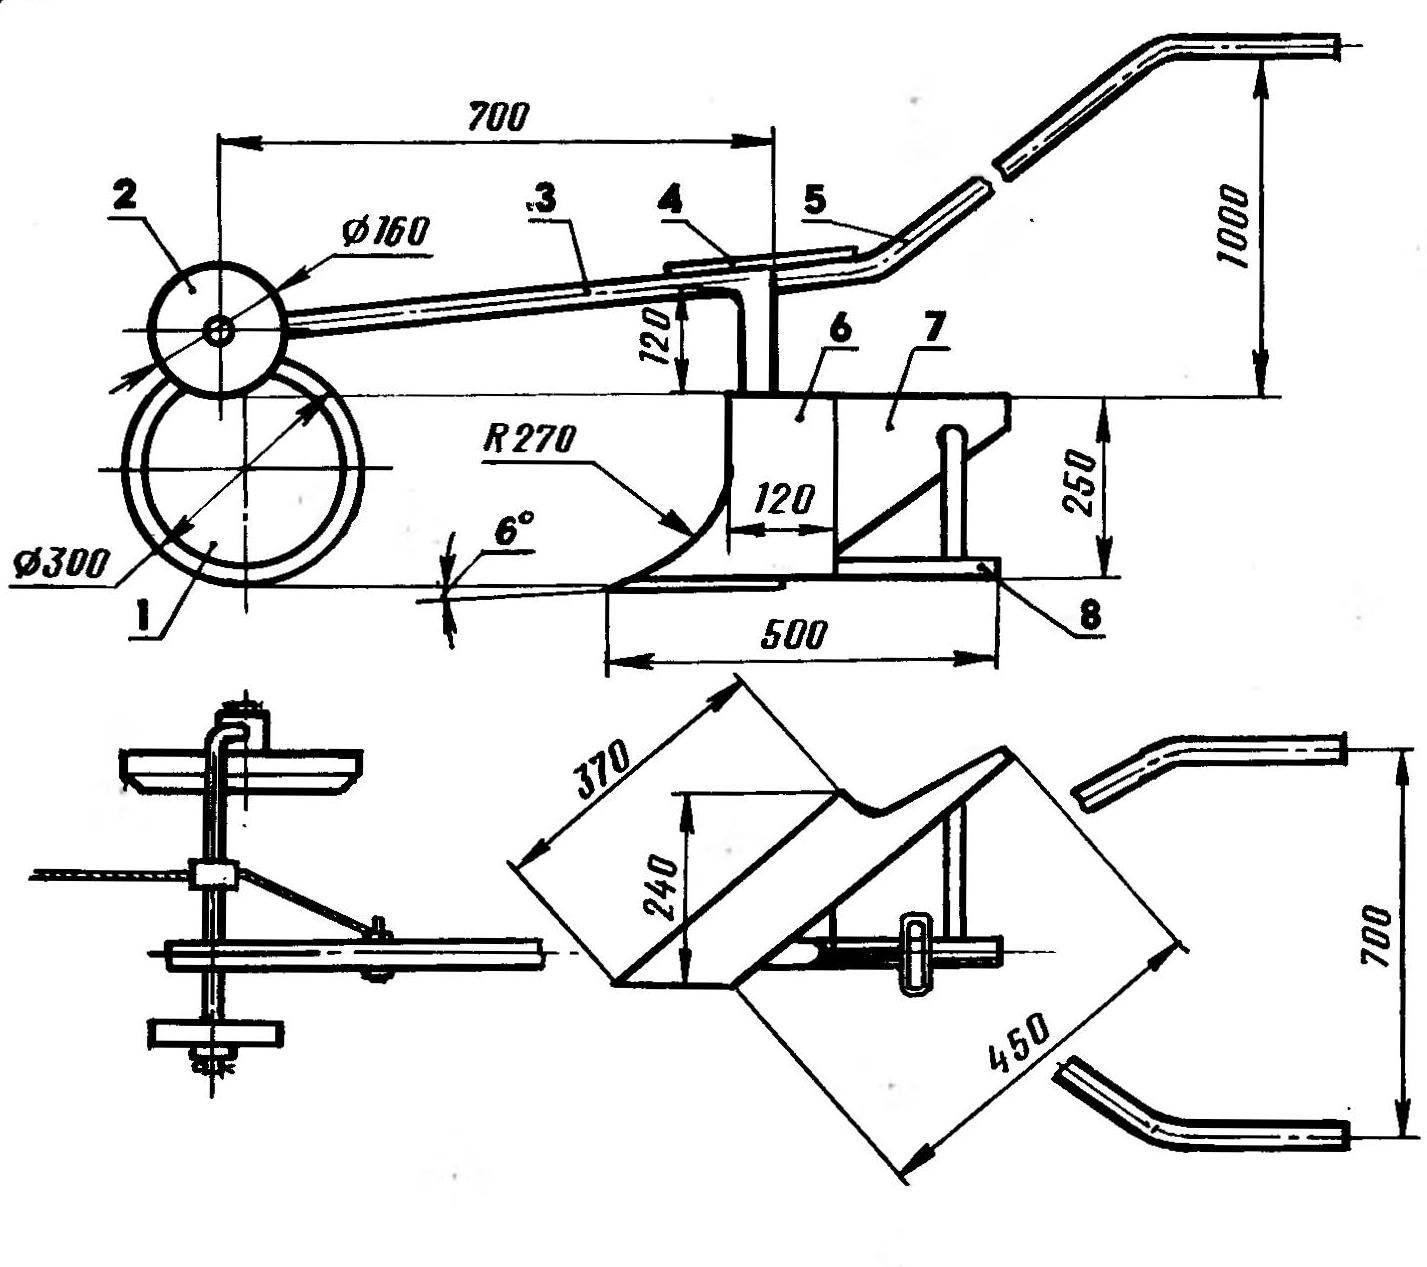 Навесное оборудование для мотоблока своими руками (26 фото): самодельные приспособления, насадки и навески. каких размеров должны быть ежи для мотоблока?